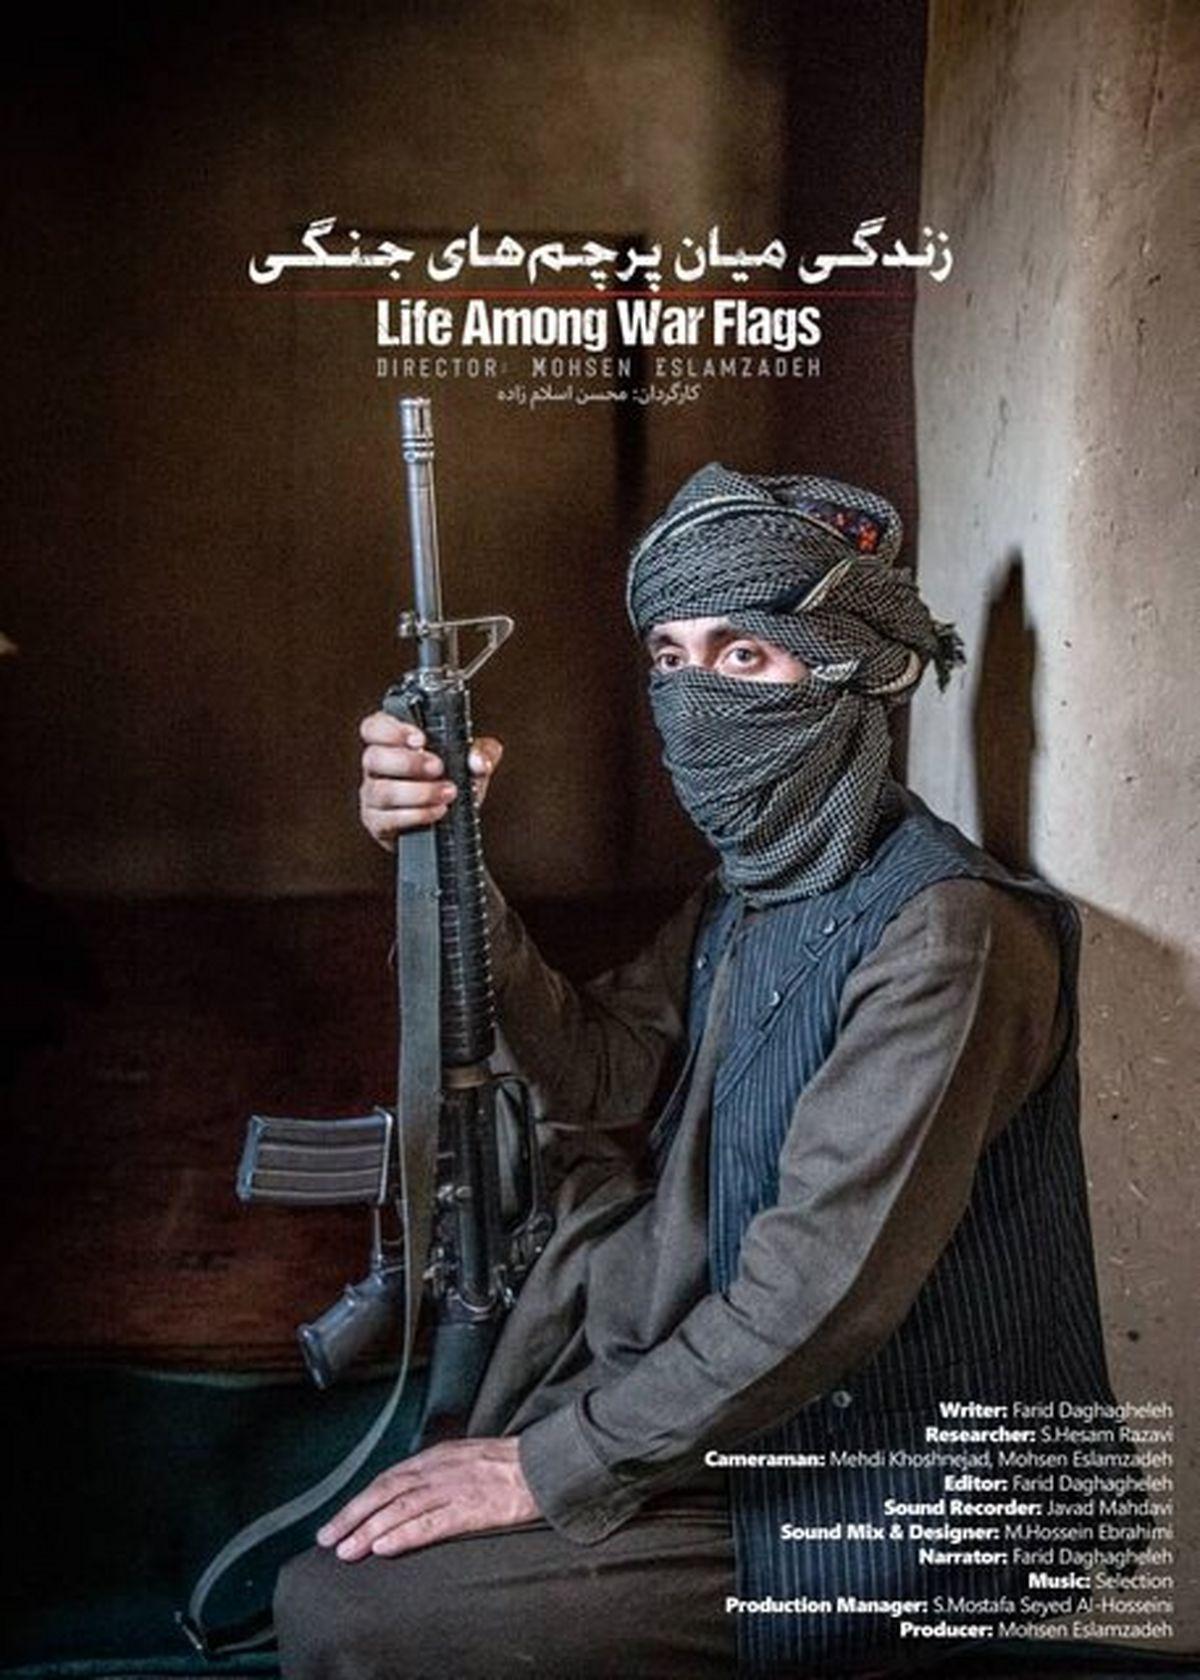 دوربین های یک مستند در میان طالبان